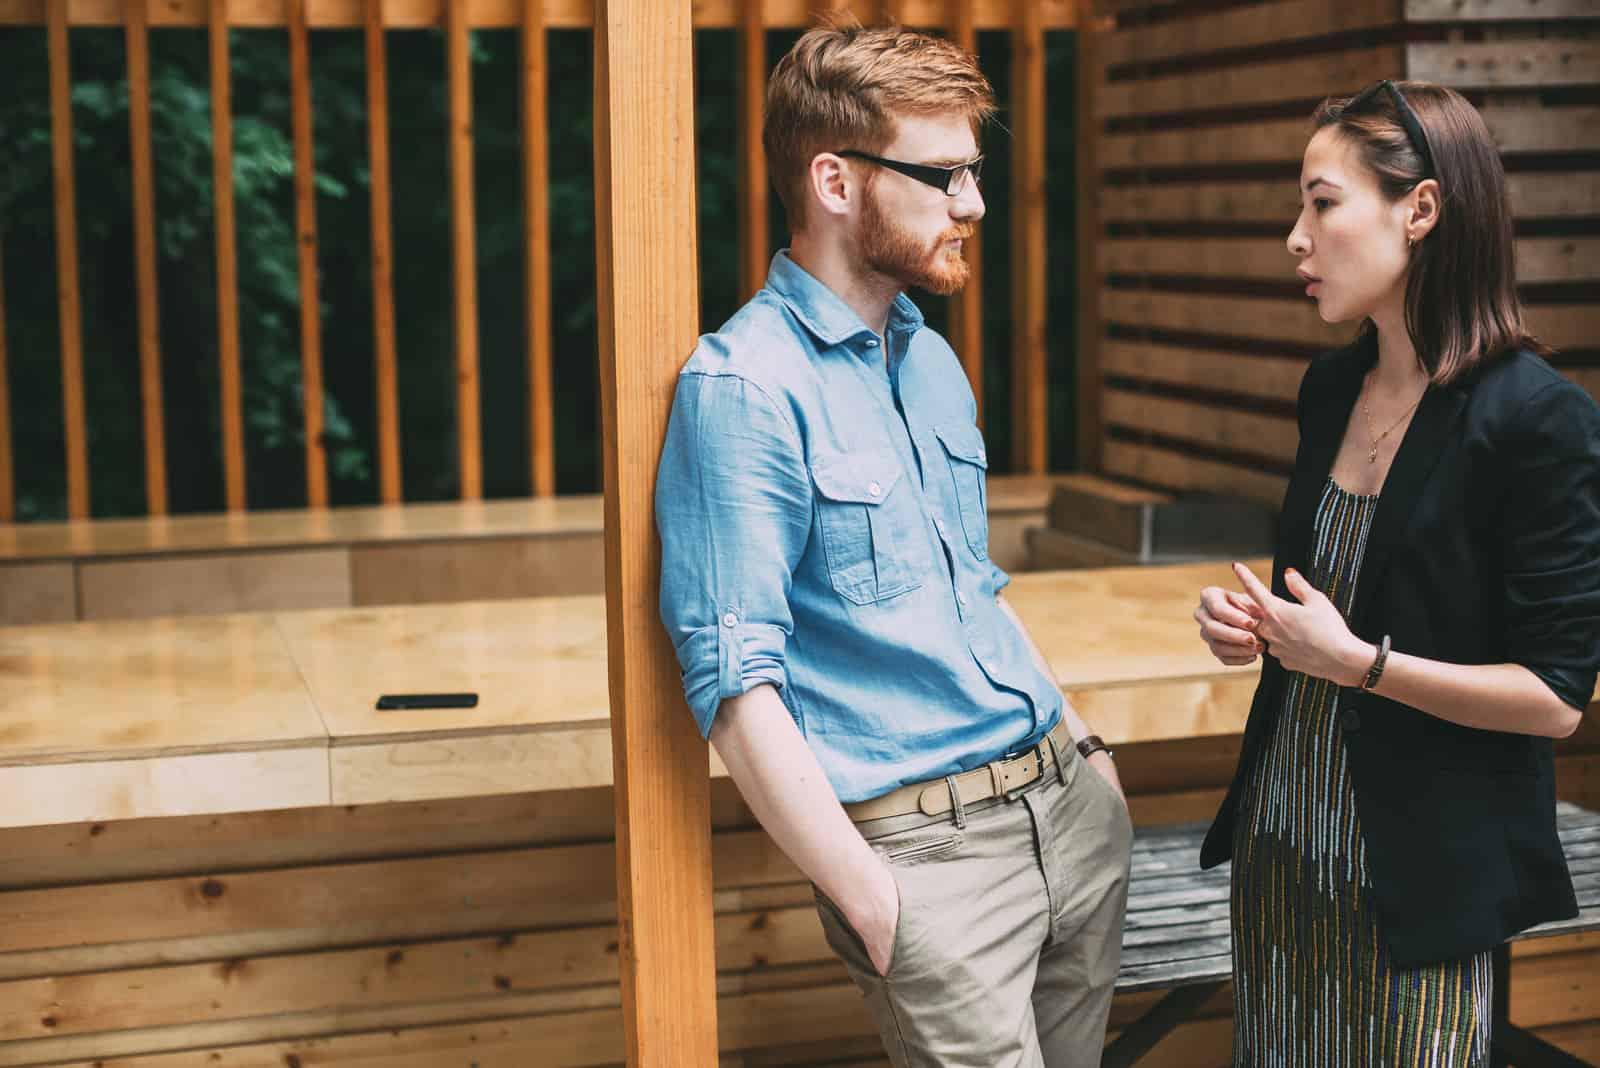 un homme et une femme se tiennent près de la fenêtre et parlent